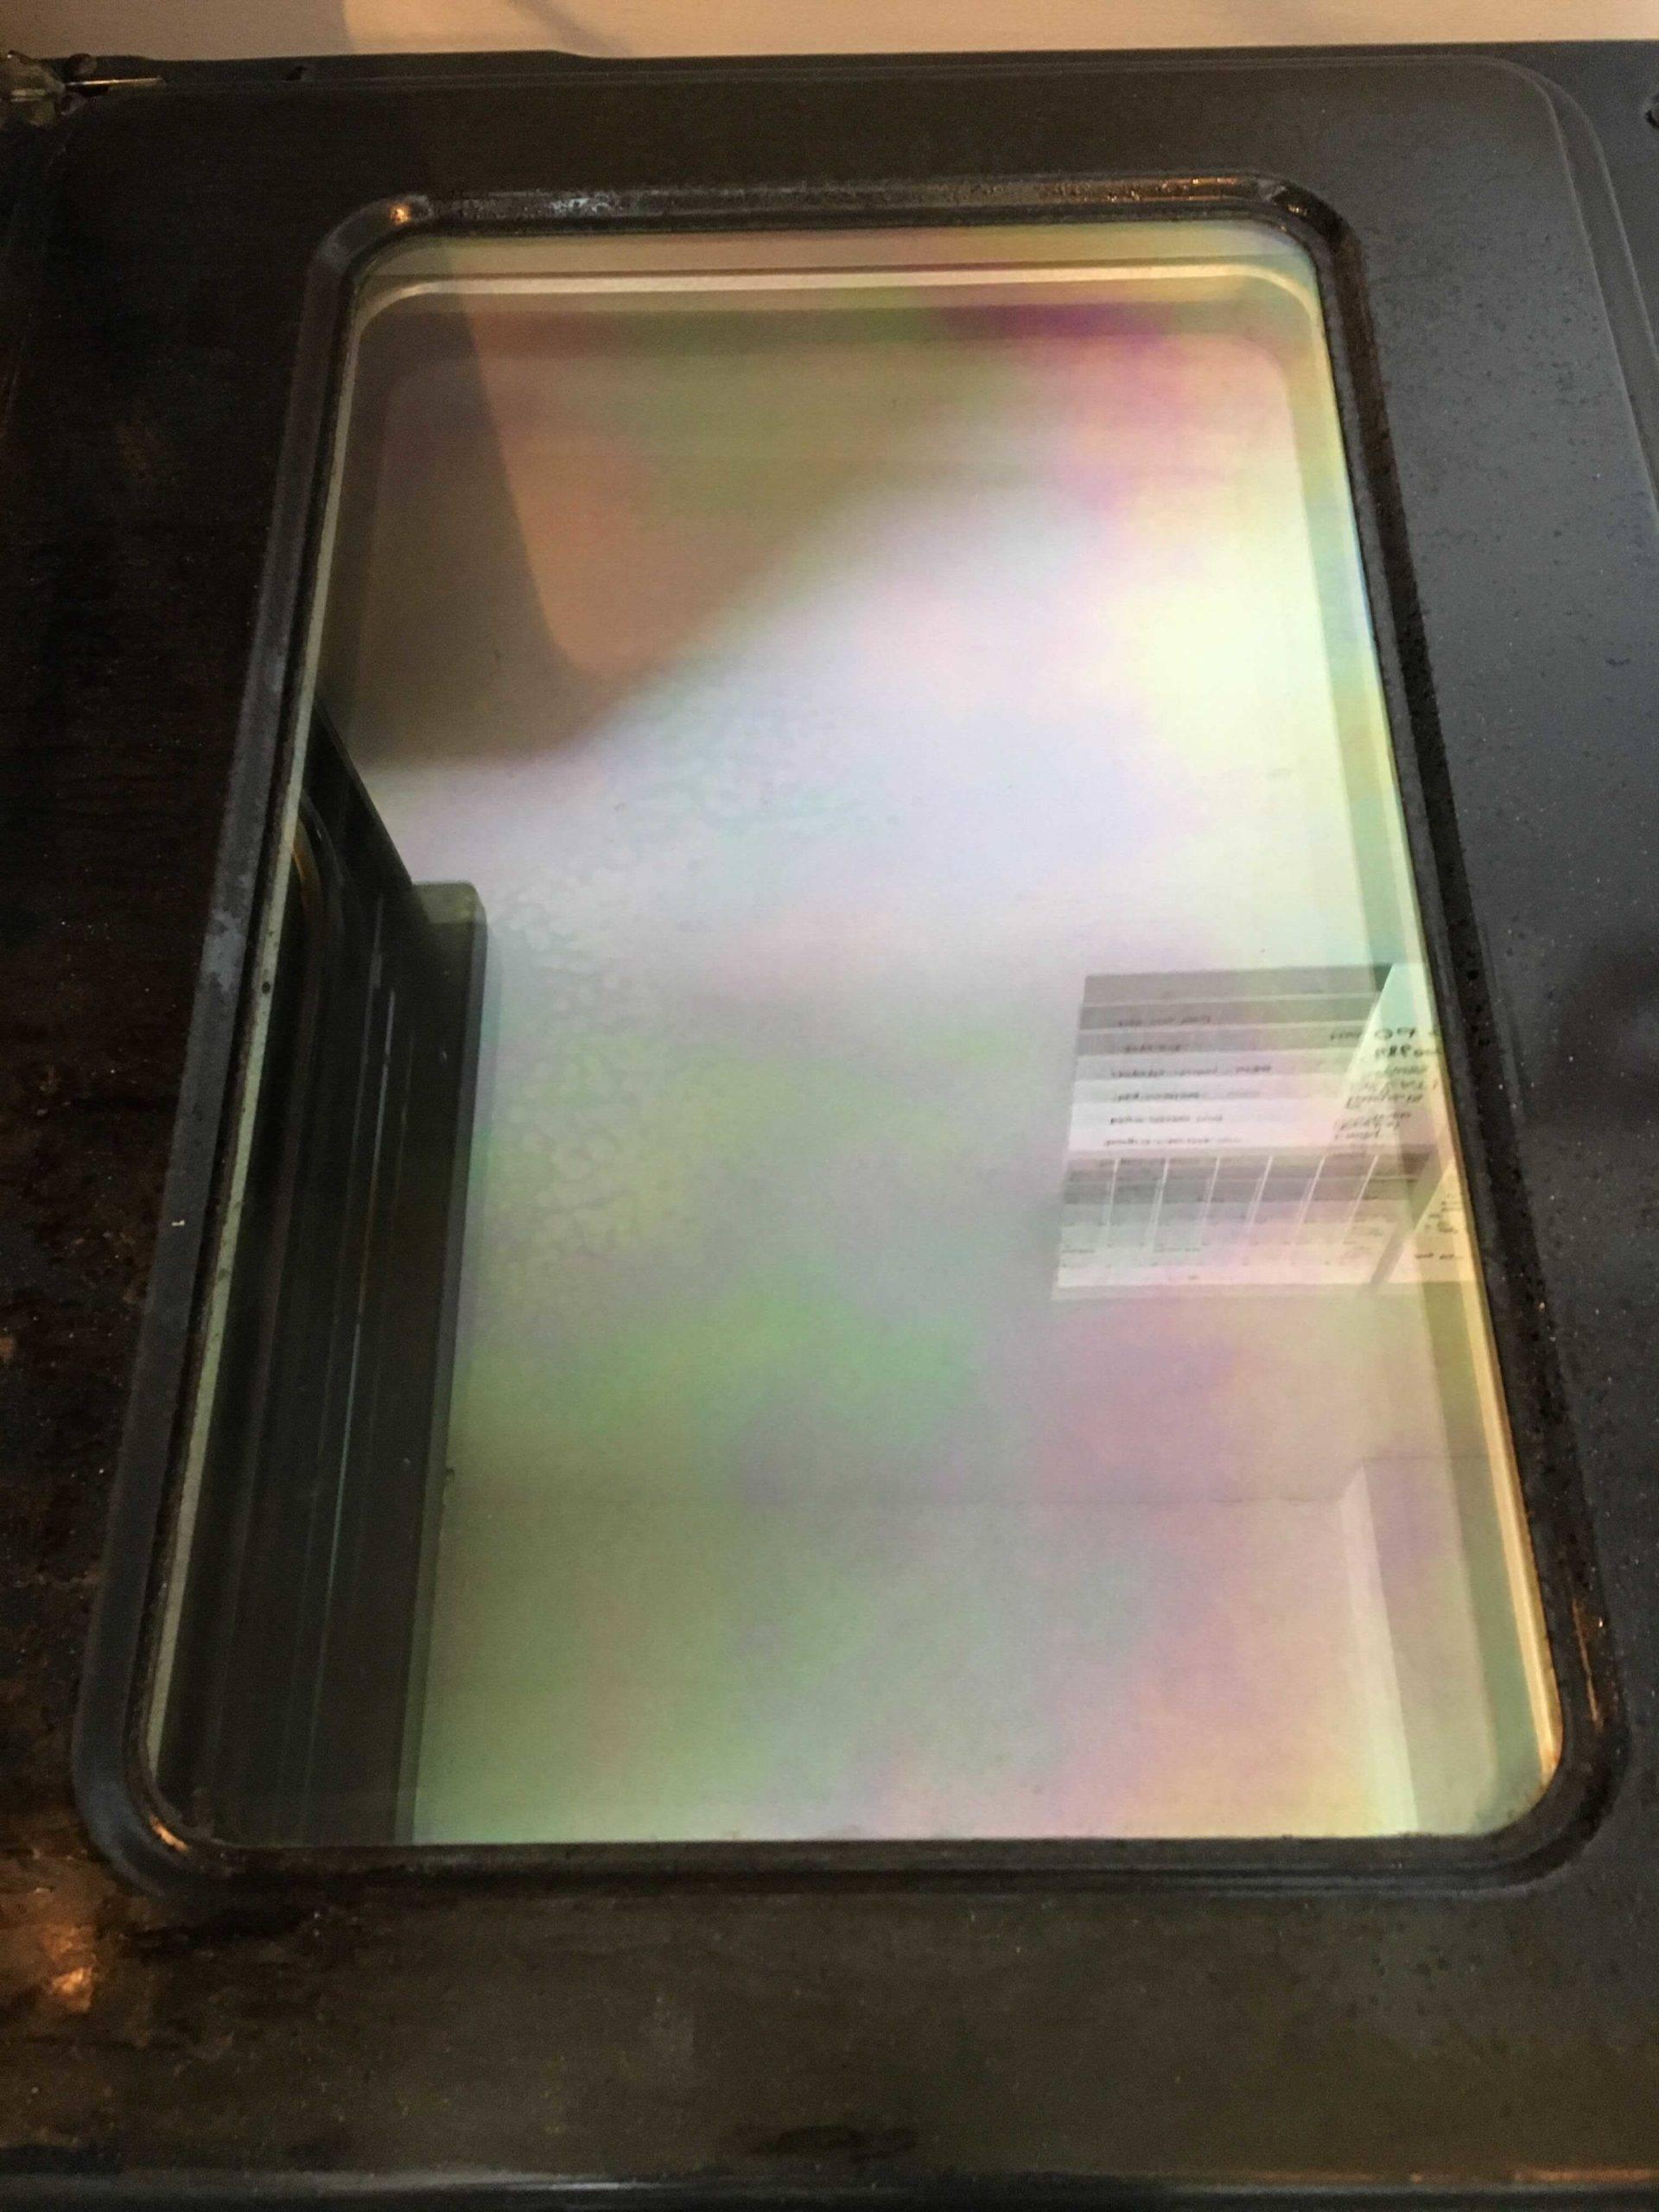 sparkling clean oven door